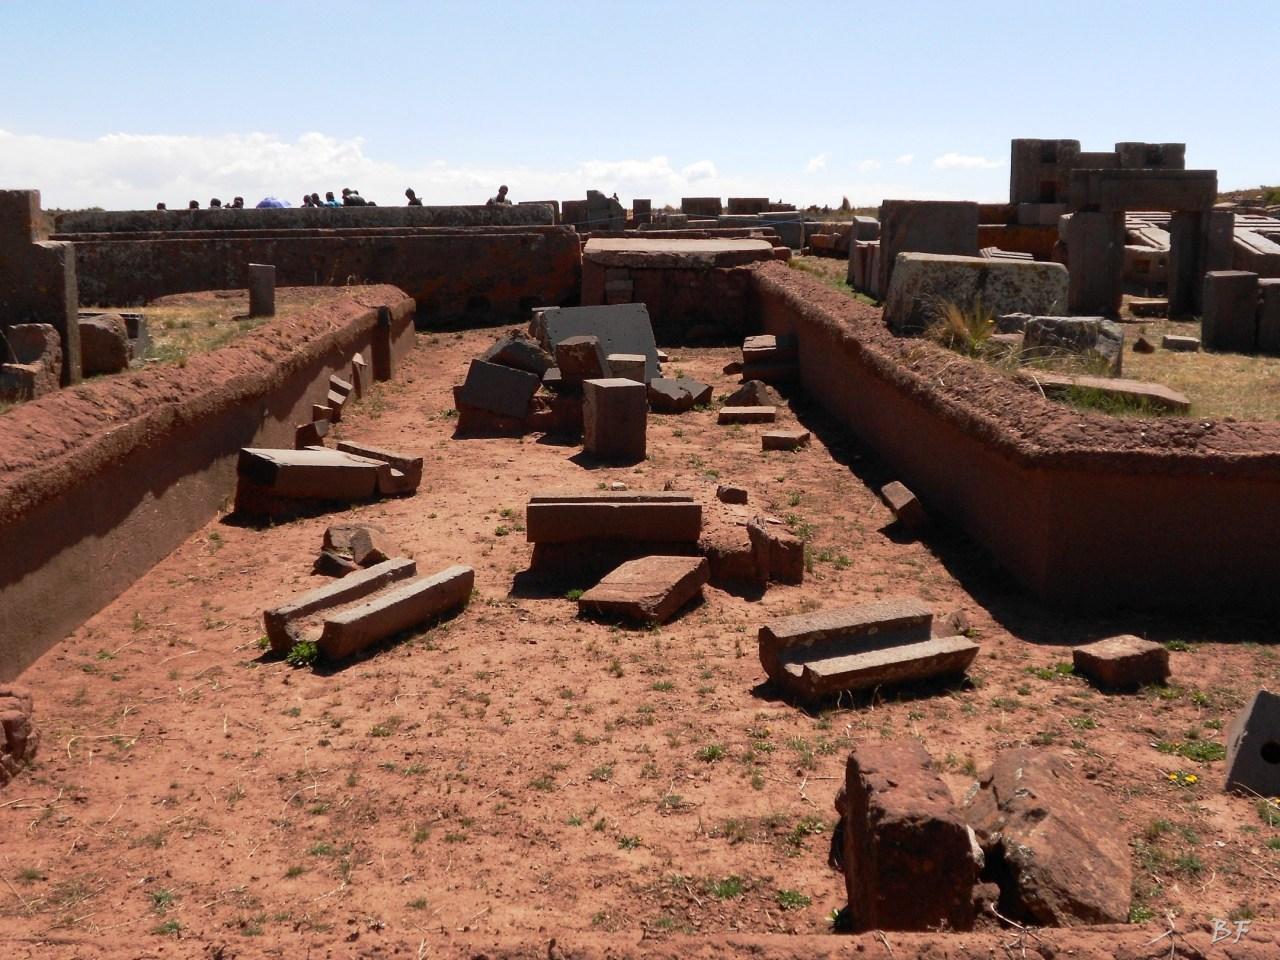 Puma-Punku-Area-Megalitica-Mura-Poligonali-Megaliti-Tiwanaku-Tiahuanaco-Bolivia-57